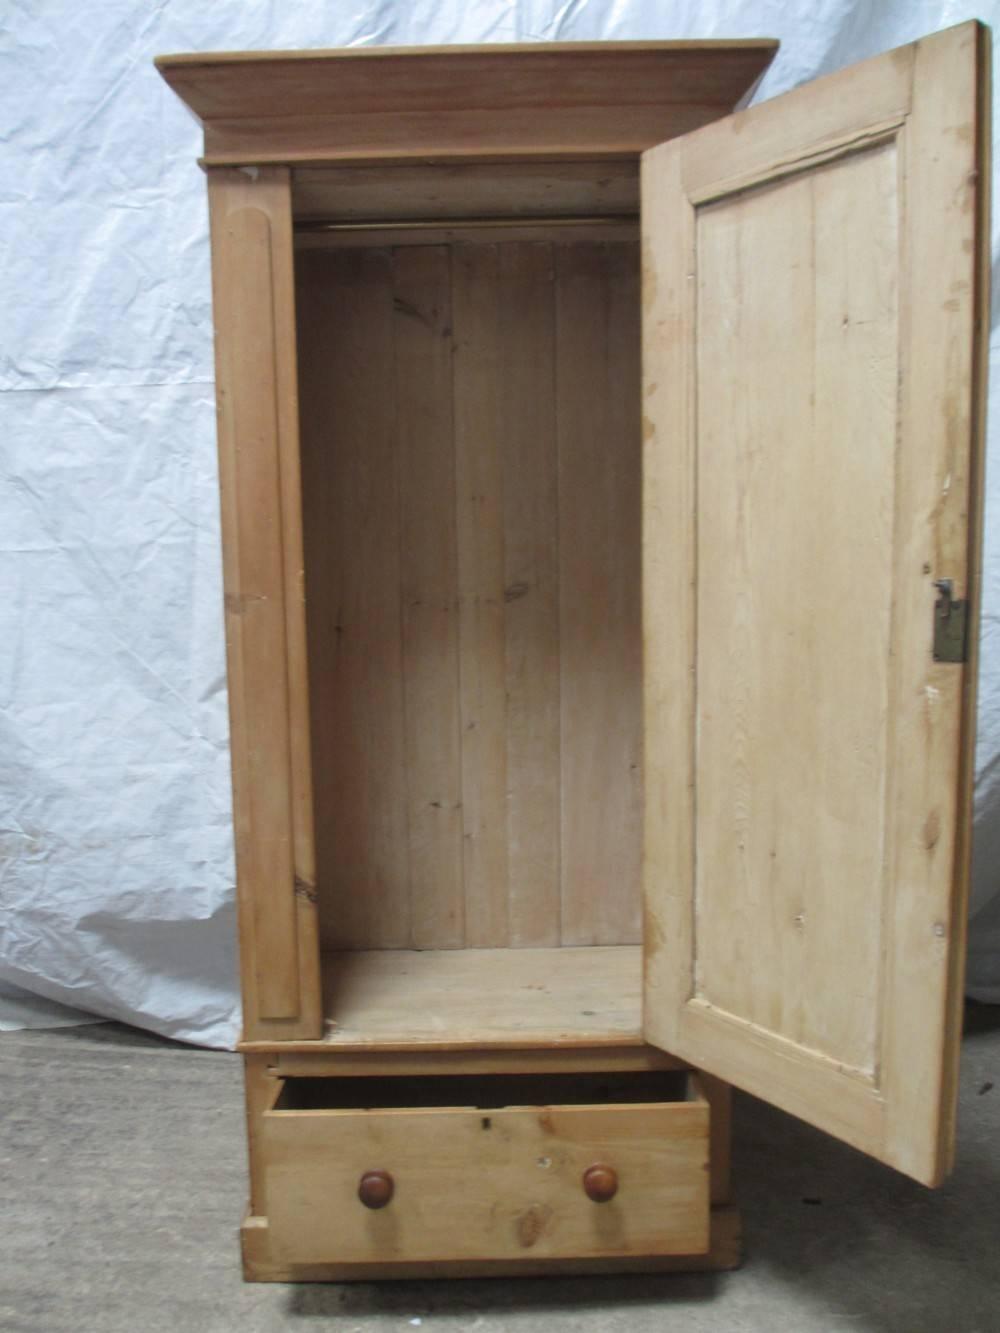 Victorian Pine Single Door Wardrobe With Drawer Under | 263126 with Victorian Pine Wardrobes (Image 11 of 15)